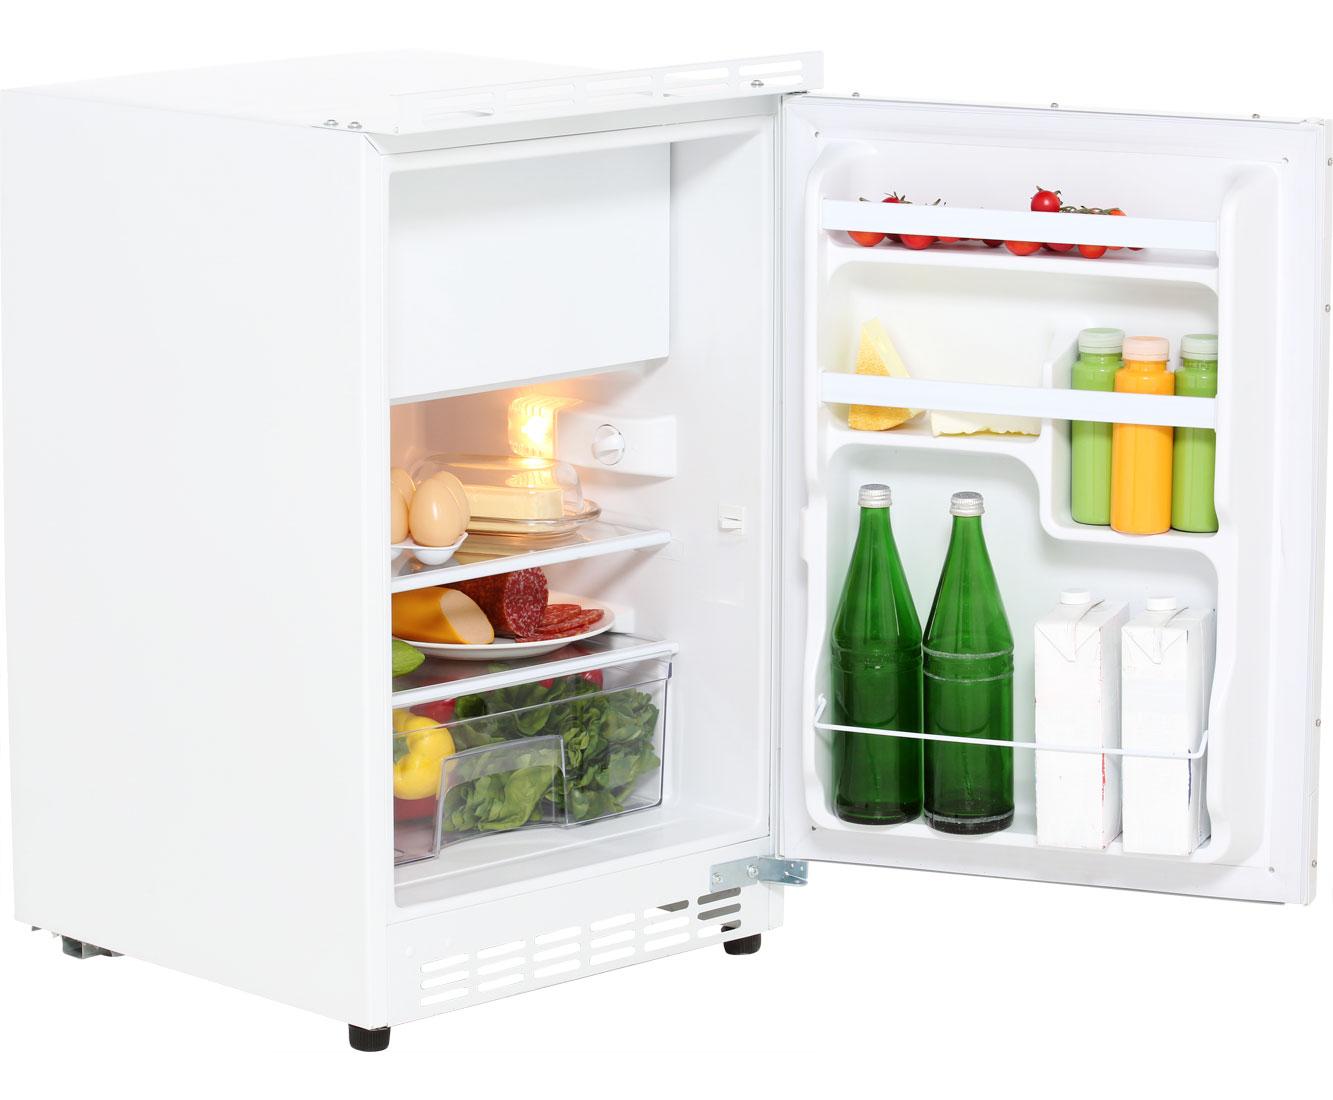 Aeg Kühlschrank Santo Zu Kalt : A liebherr kühlschrank preisvergleich u die besten angebote